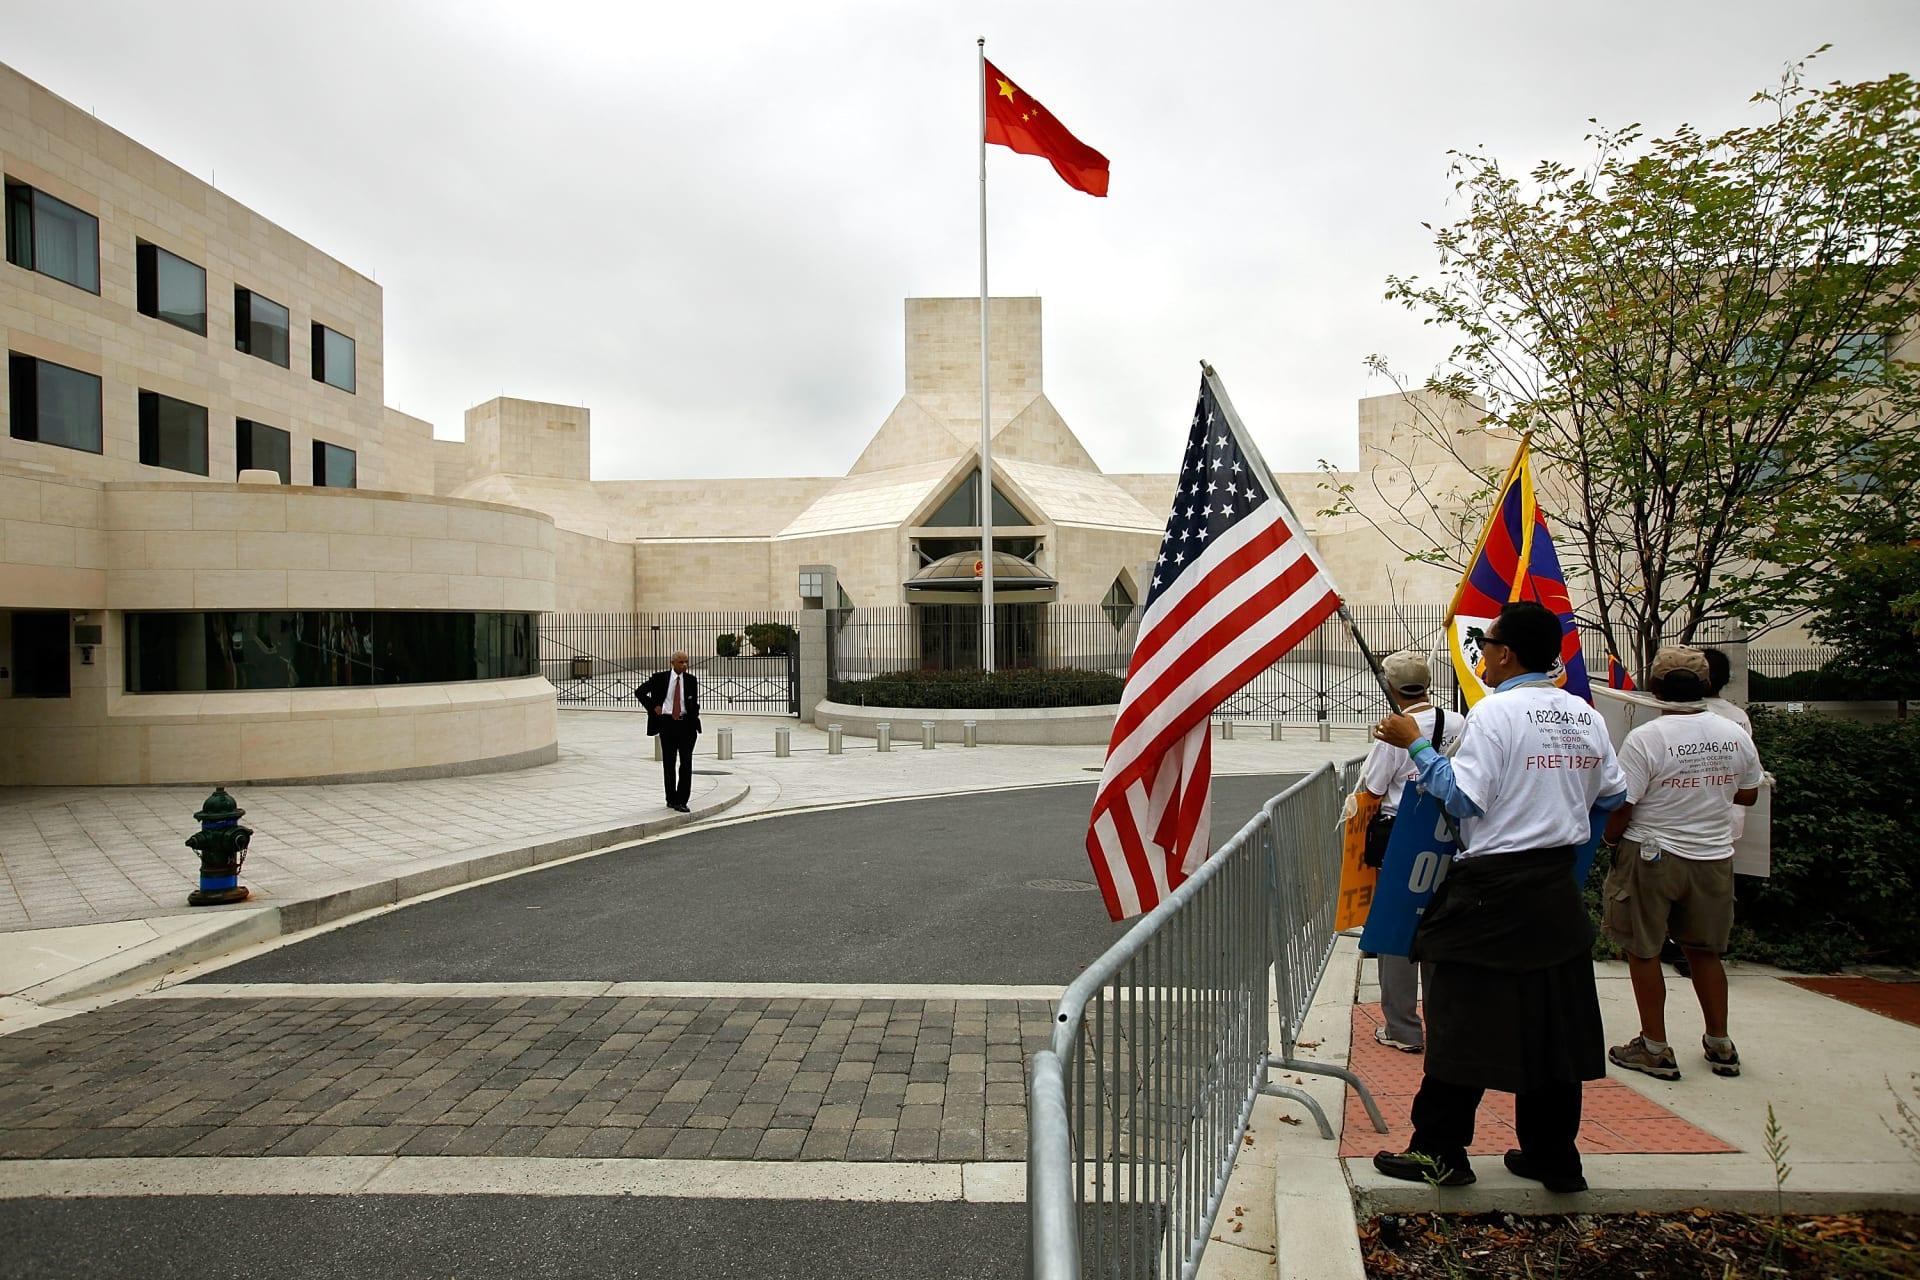 الشرطة الأمريكية تحقق في وفاة طفل بالسفارة الصينية بواشنطن